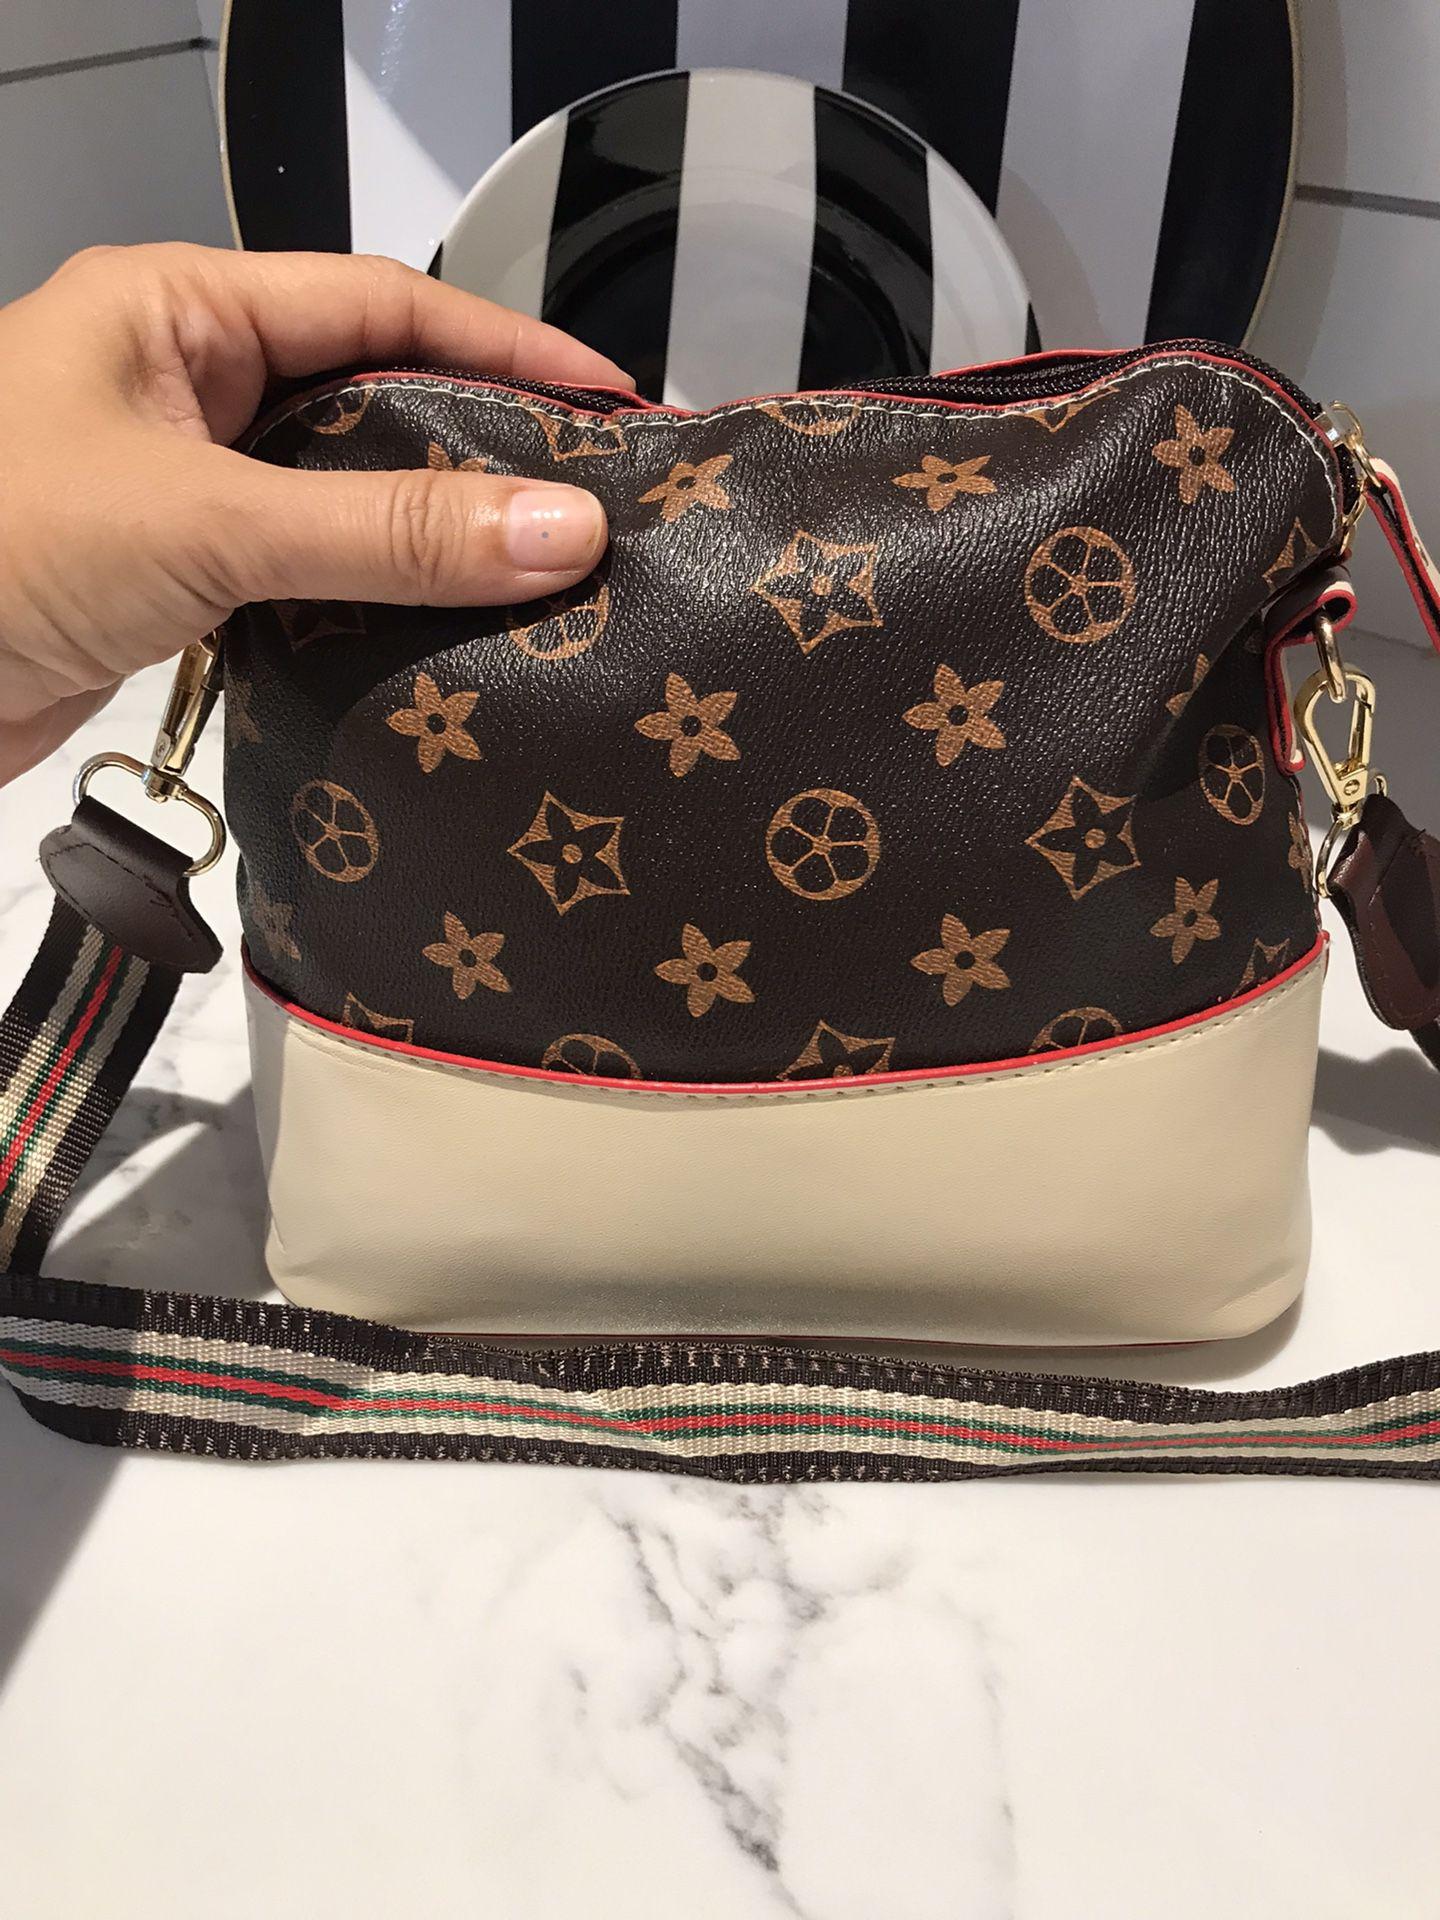 Big prints flower shells classic shoulder bag brown/beige color  $12